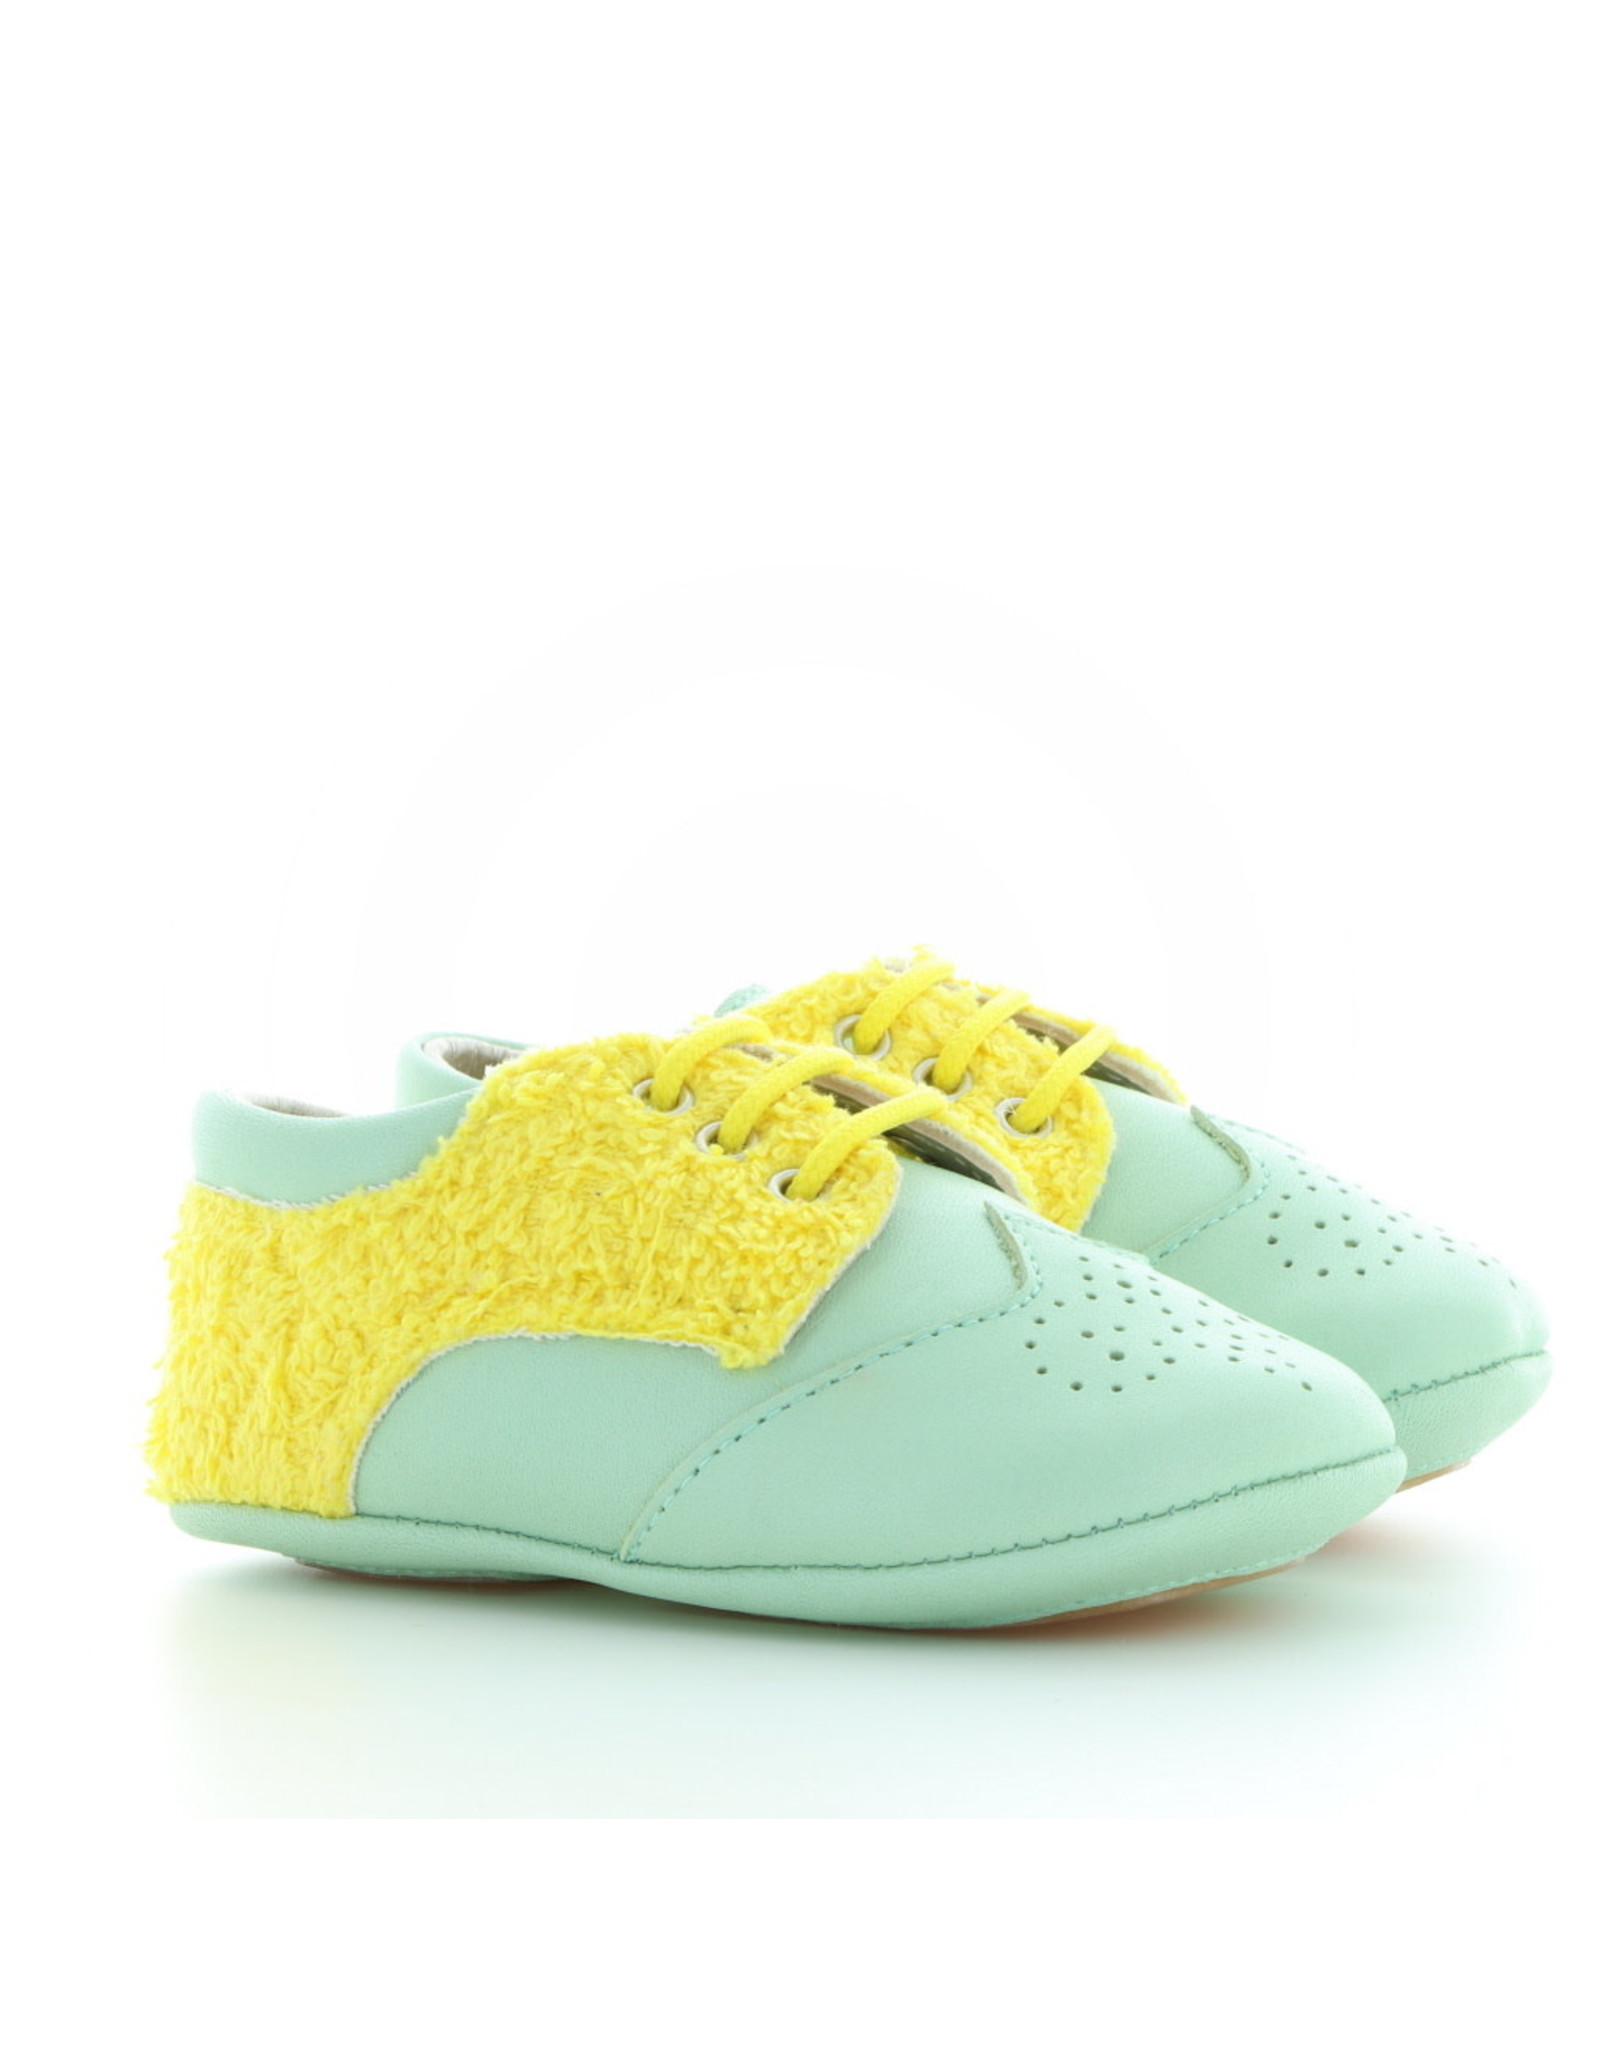 Eli 0401 aqua amarillo